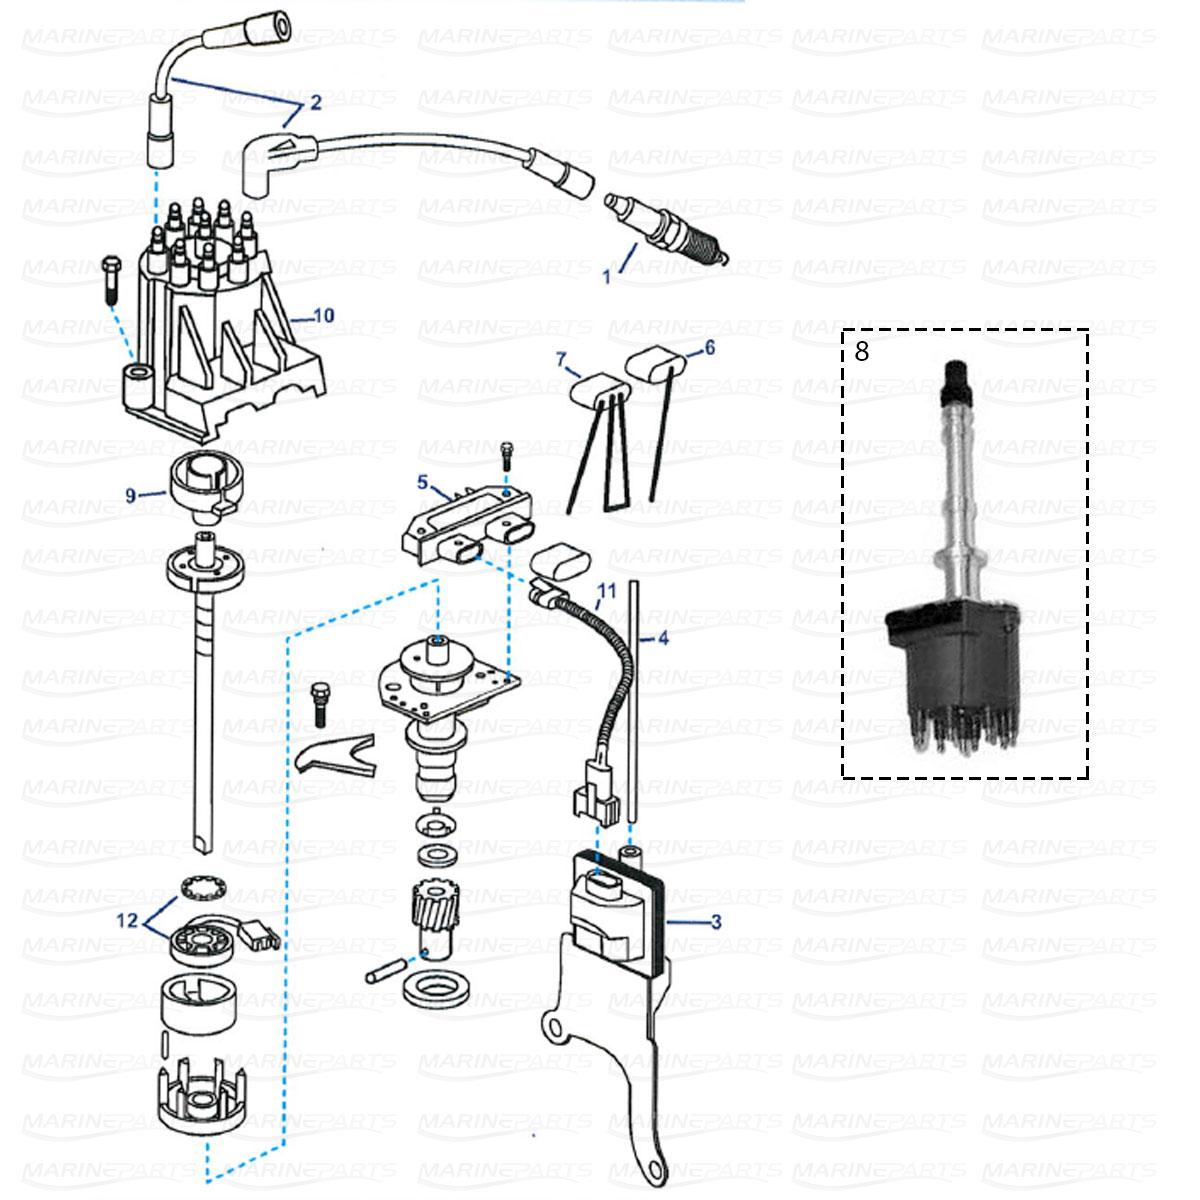 Ignition system parts GM V8 5.0, 5.7L